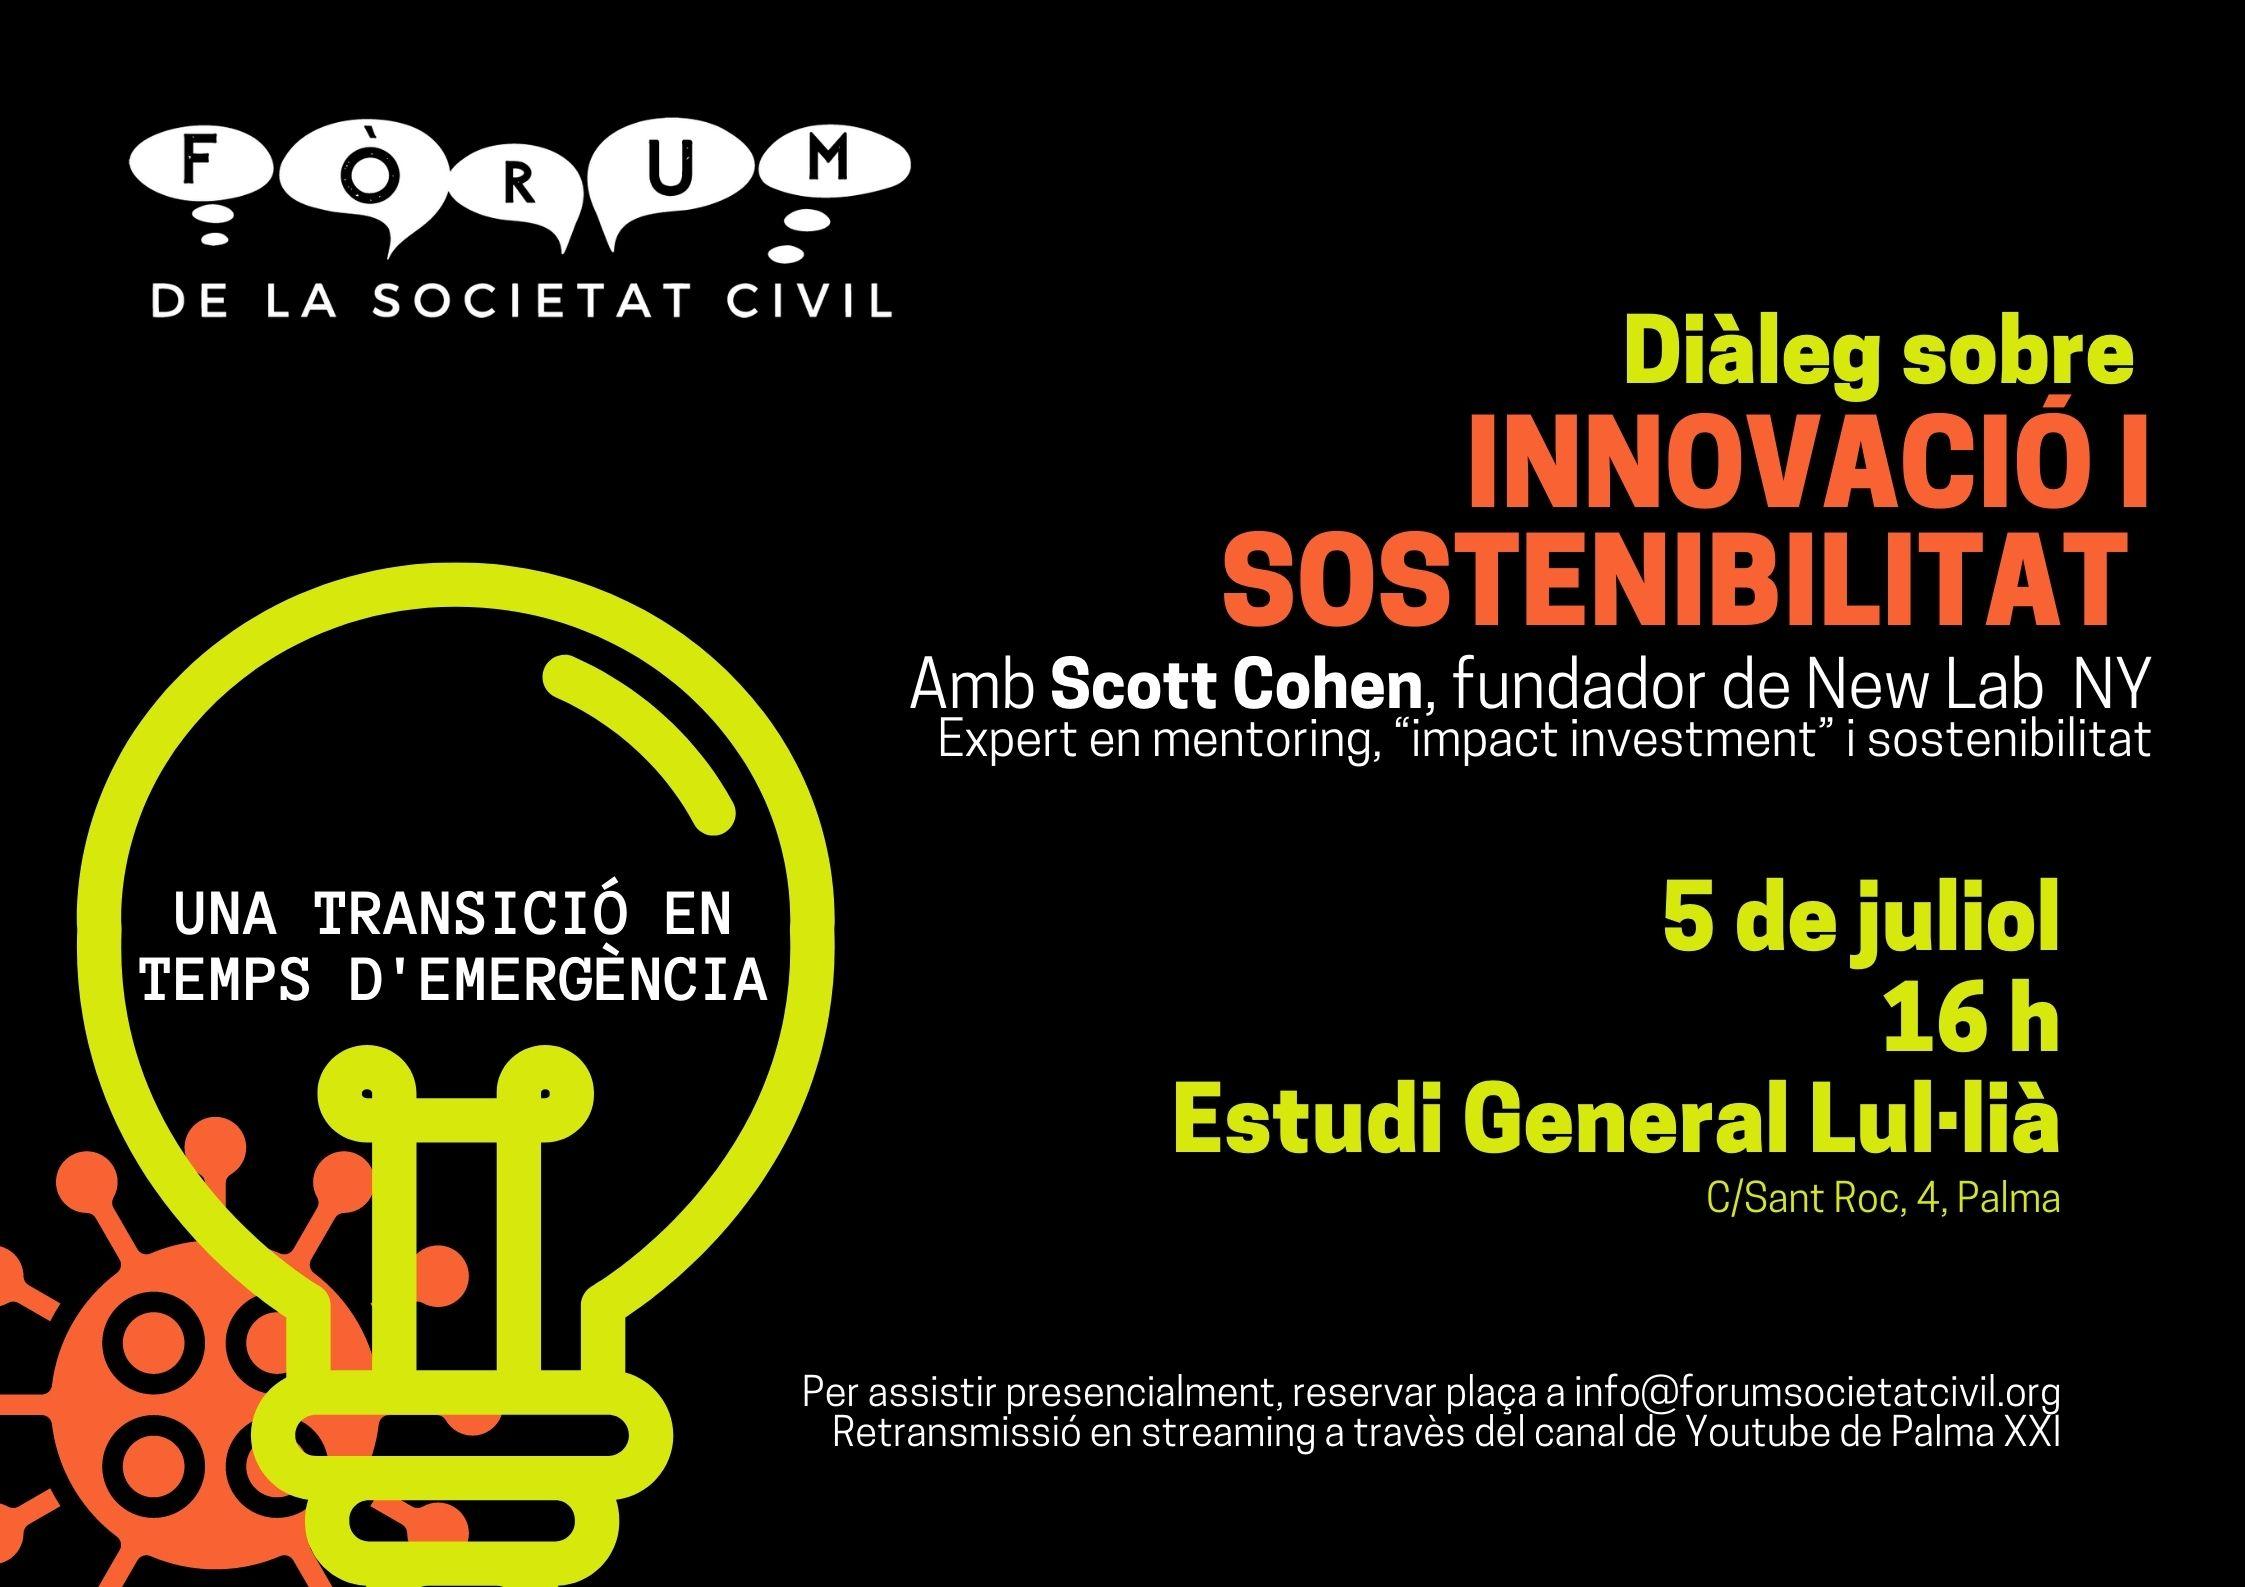 Diàleg sobre innovació i sostenibilitat